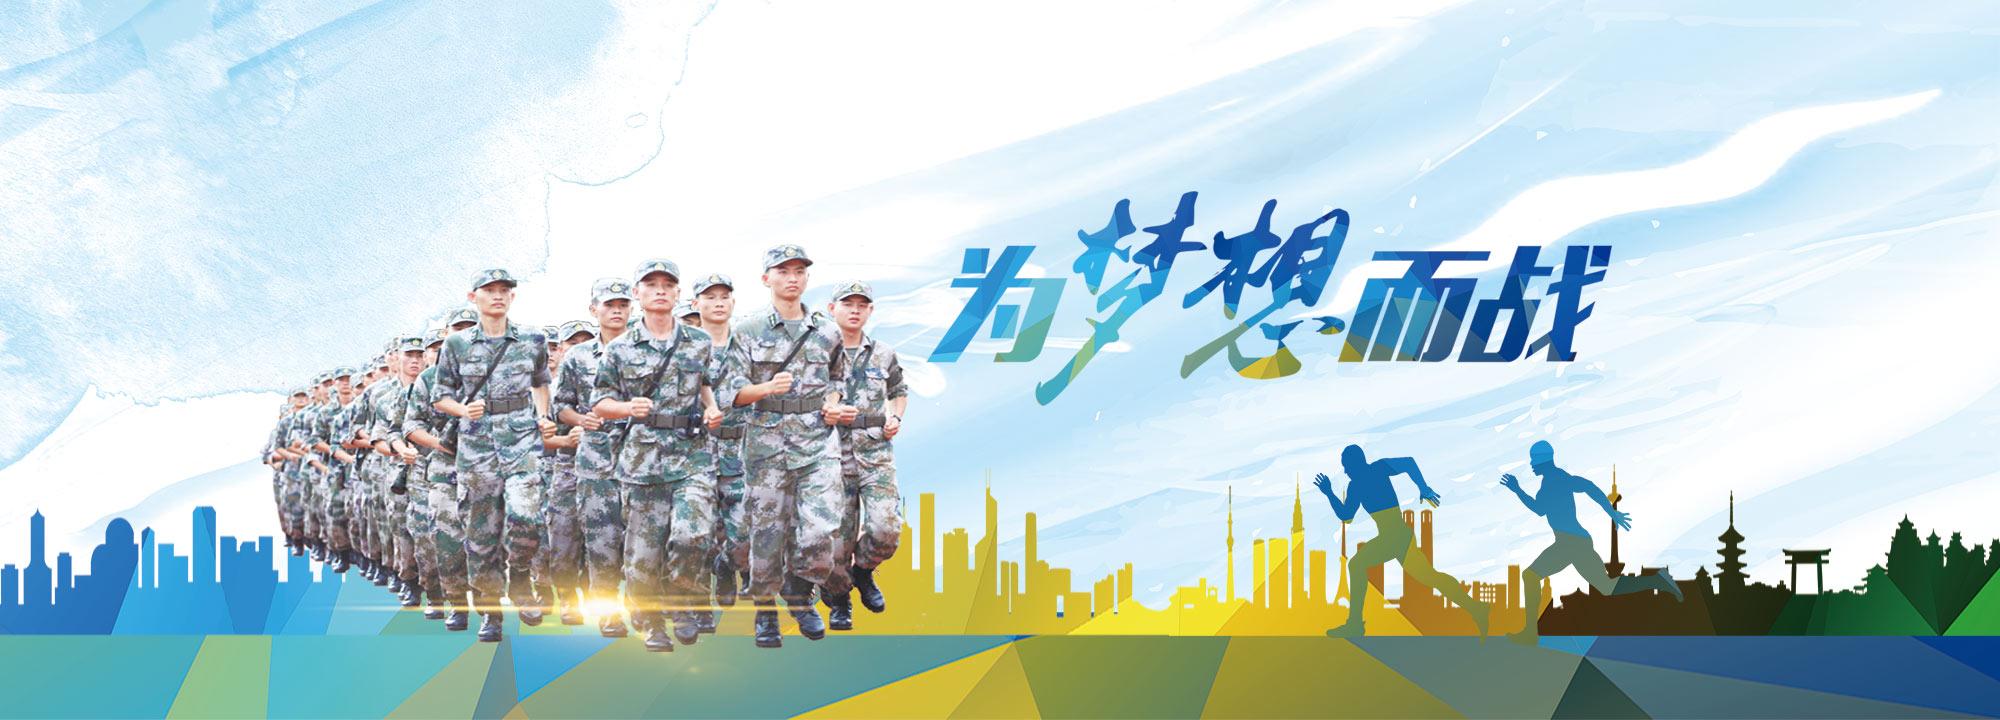 乐智管理咨询策划(深圳)有限公司